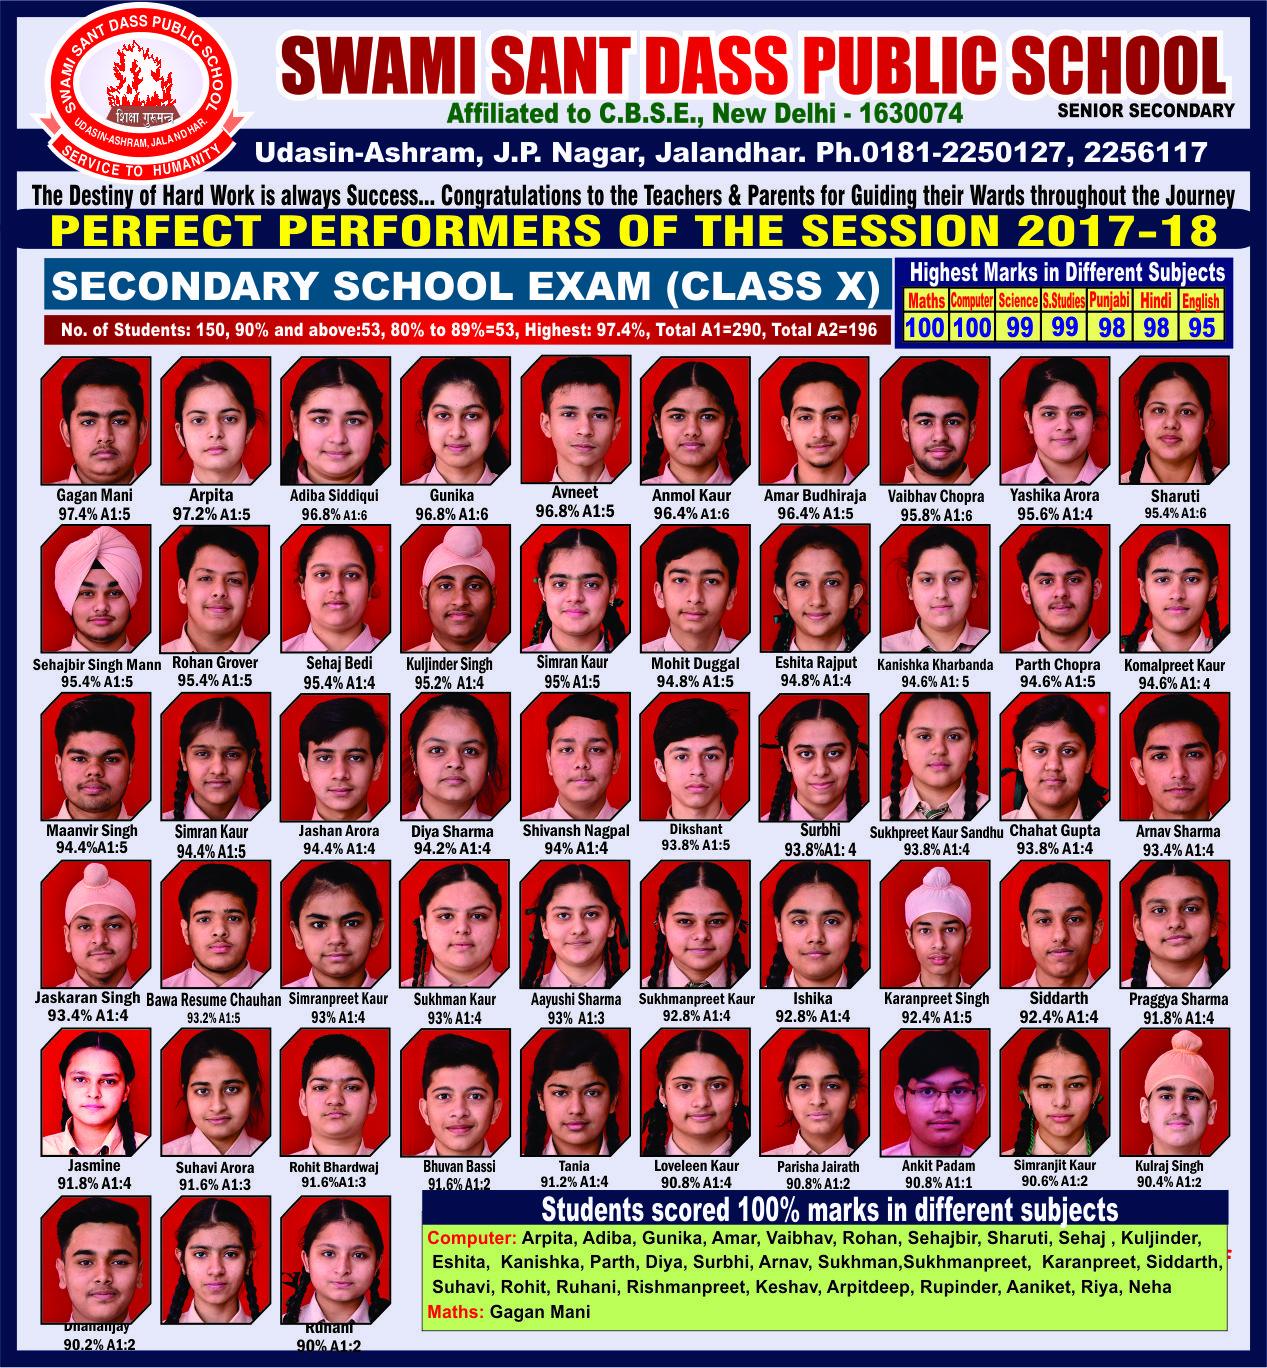 Achievements – Swami Sant Dass Public School